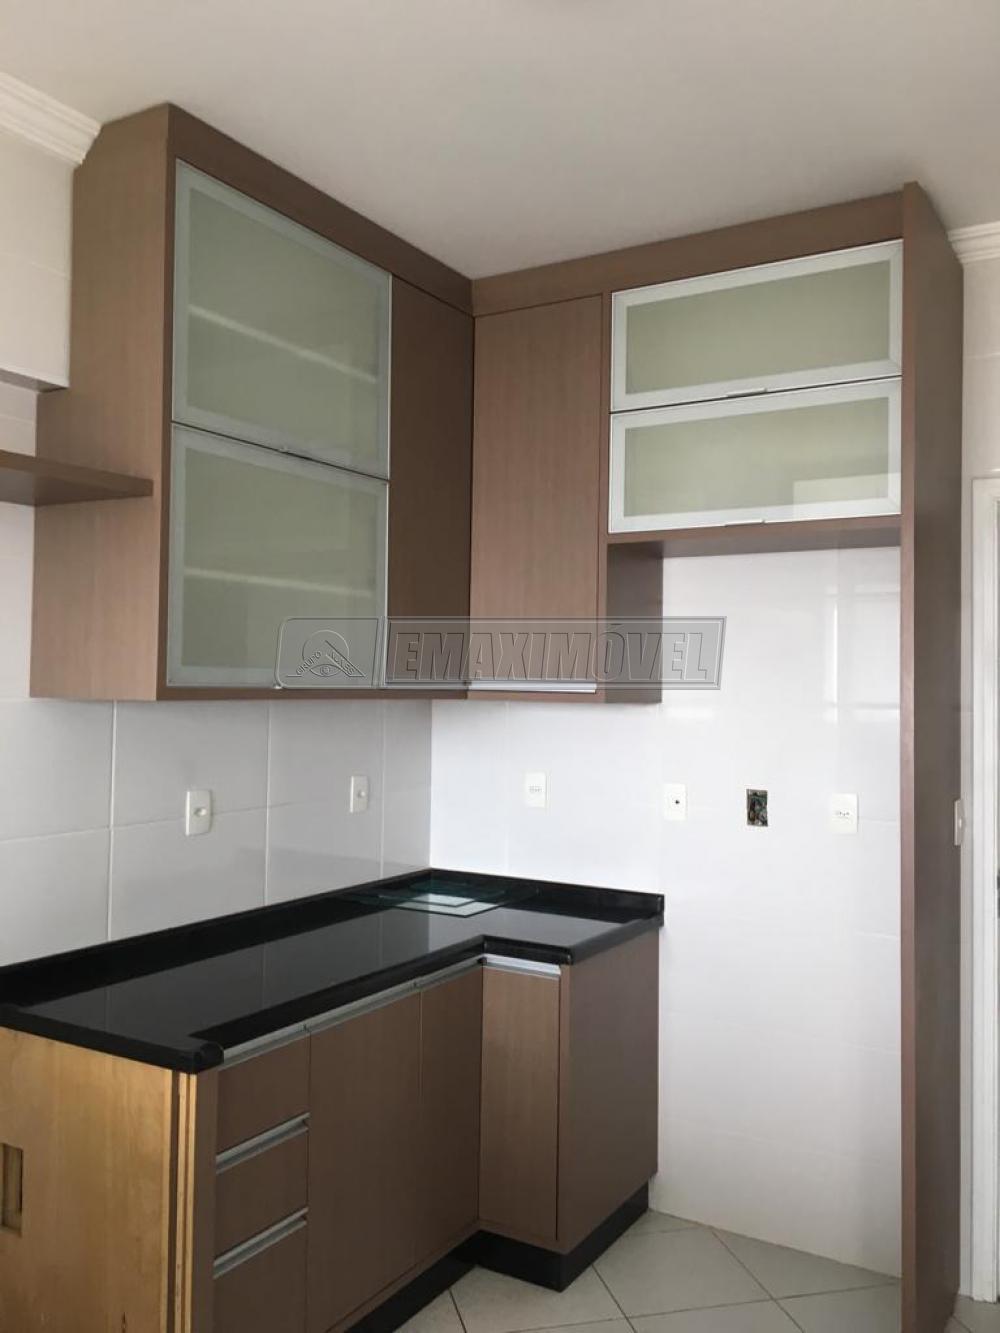 Comprar Apartamentos / Apto Padrão em Sorocaba apenas R$ 300.000,00 - Foto 1